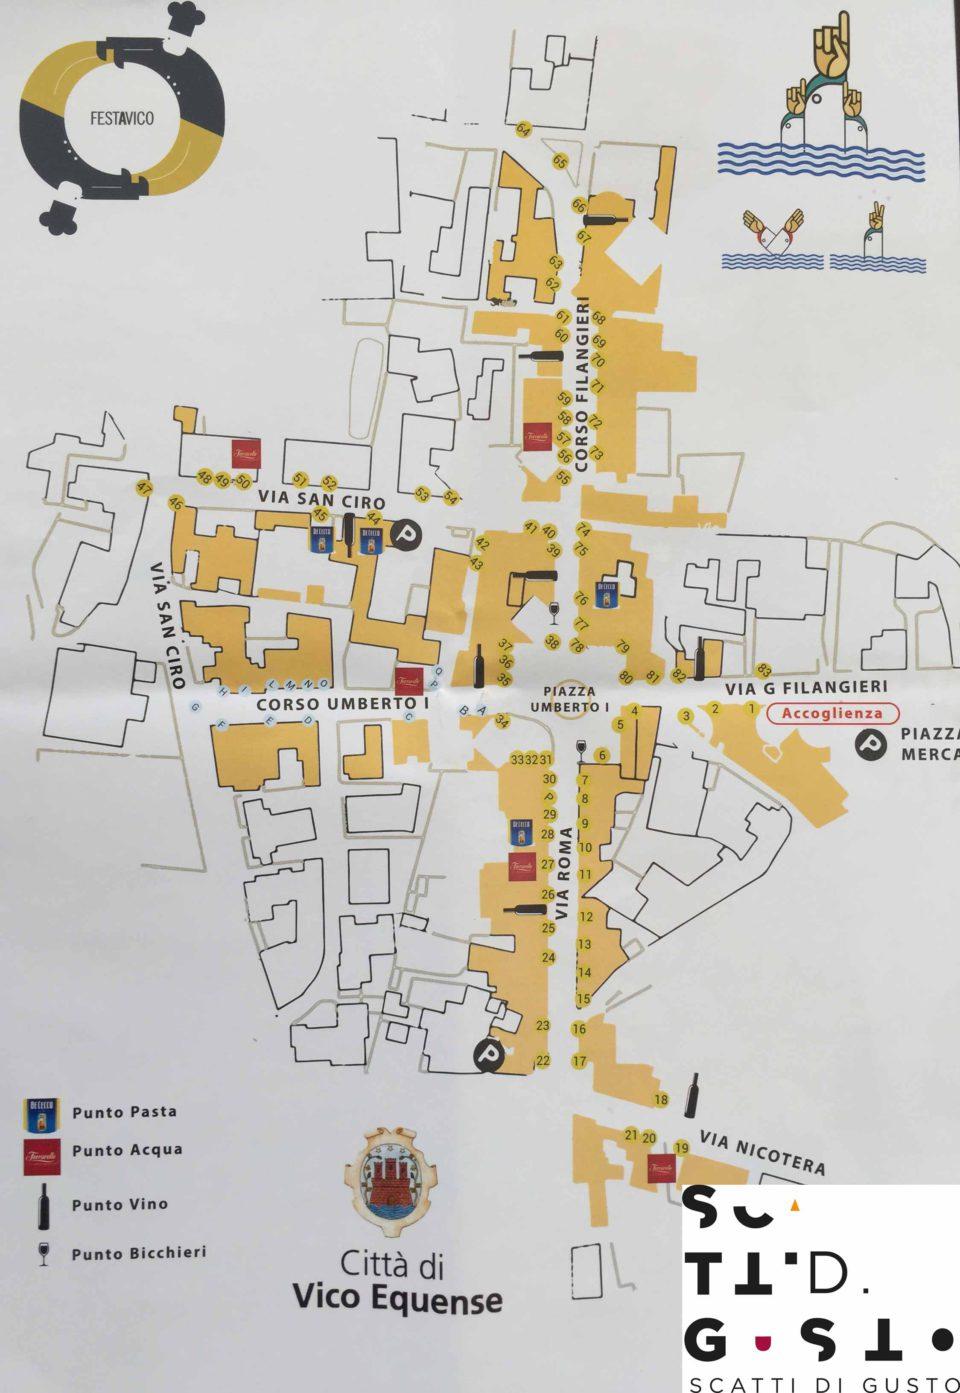 mappa Vico Equense chef emergenti